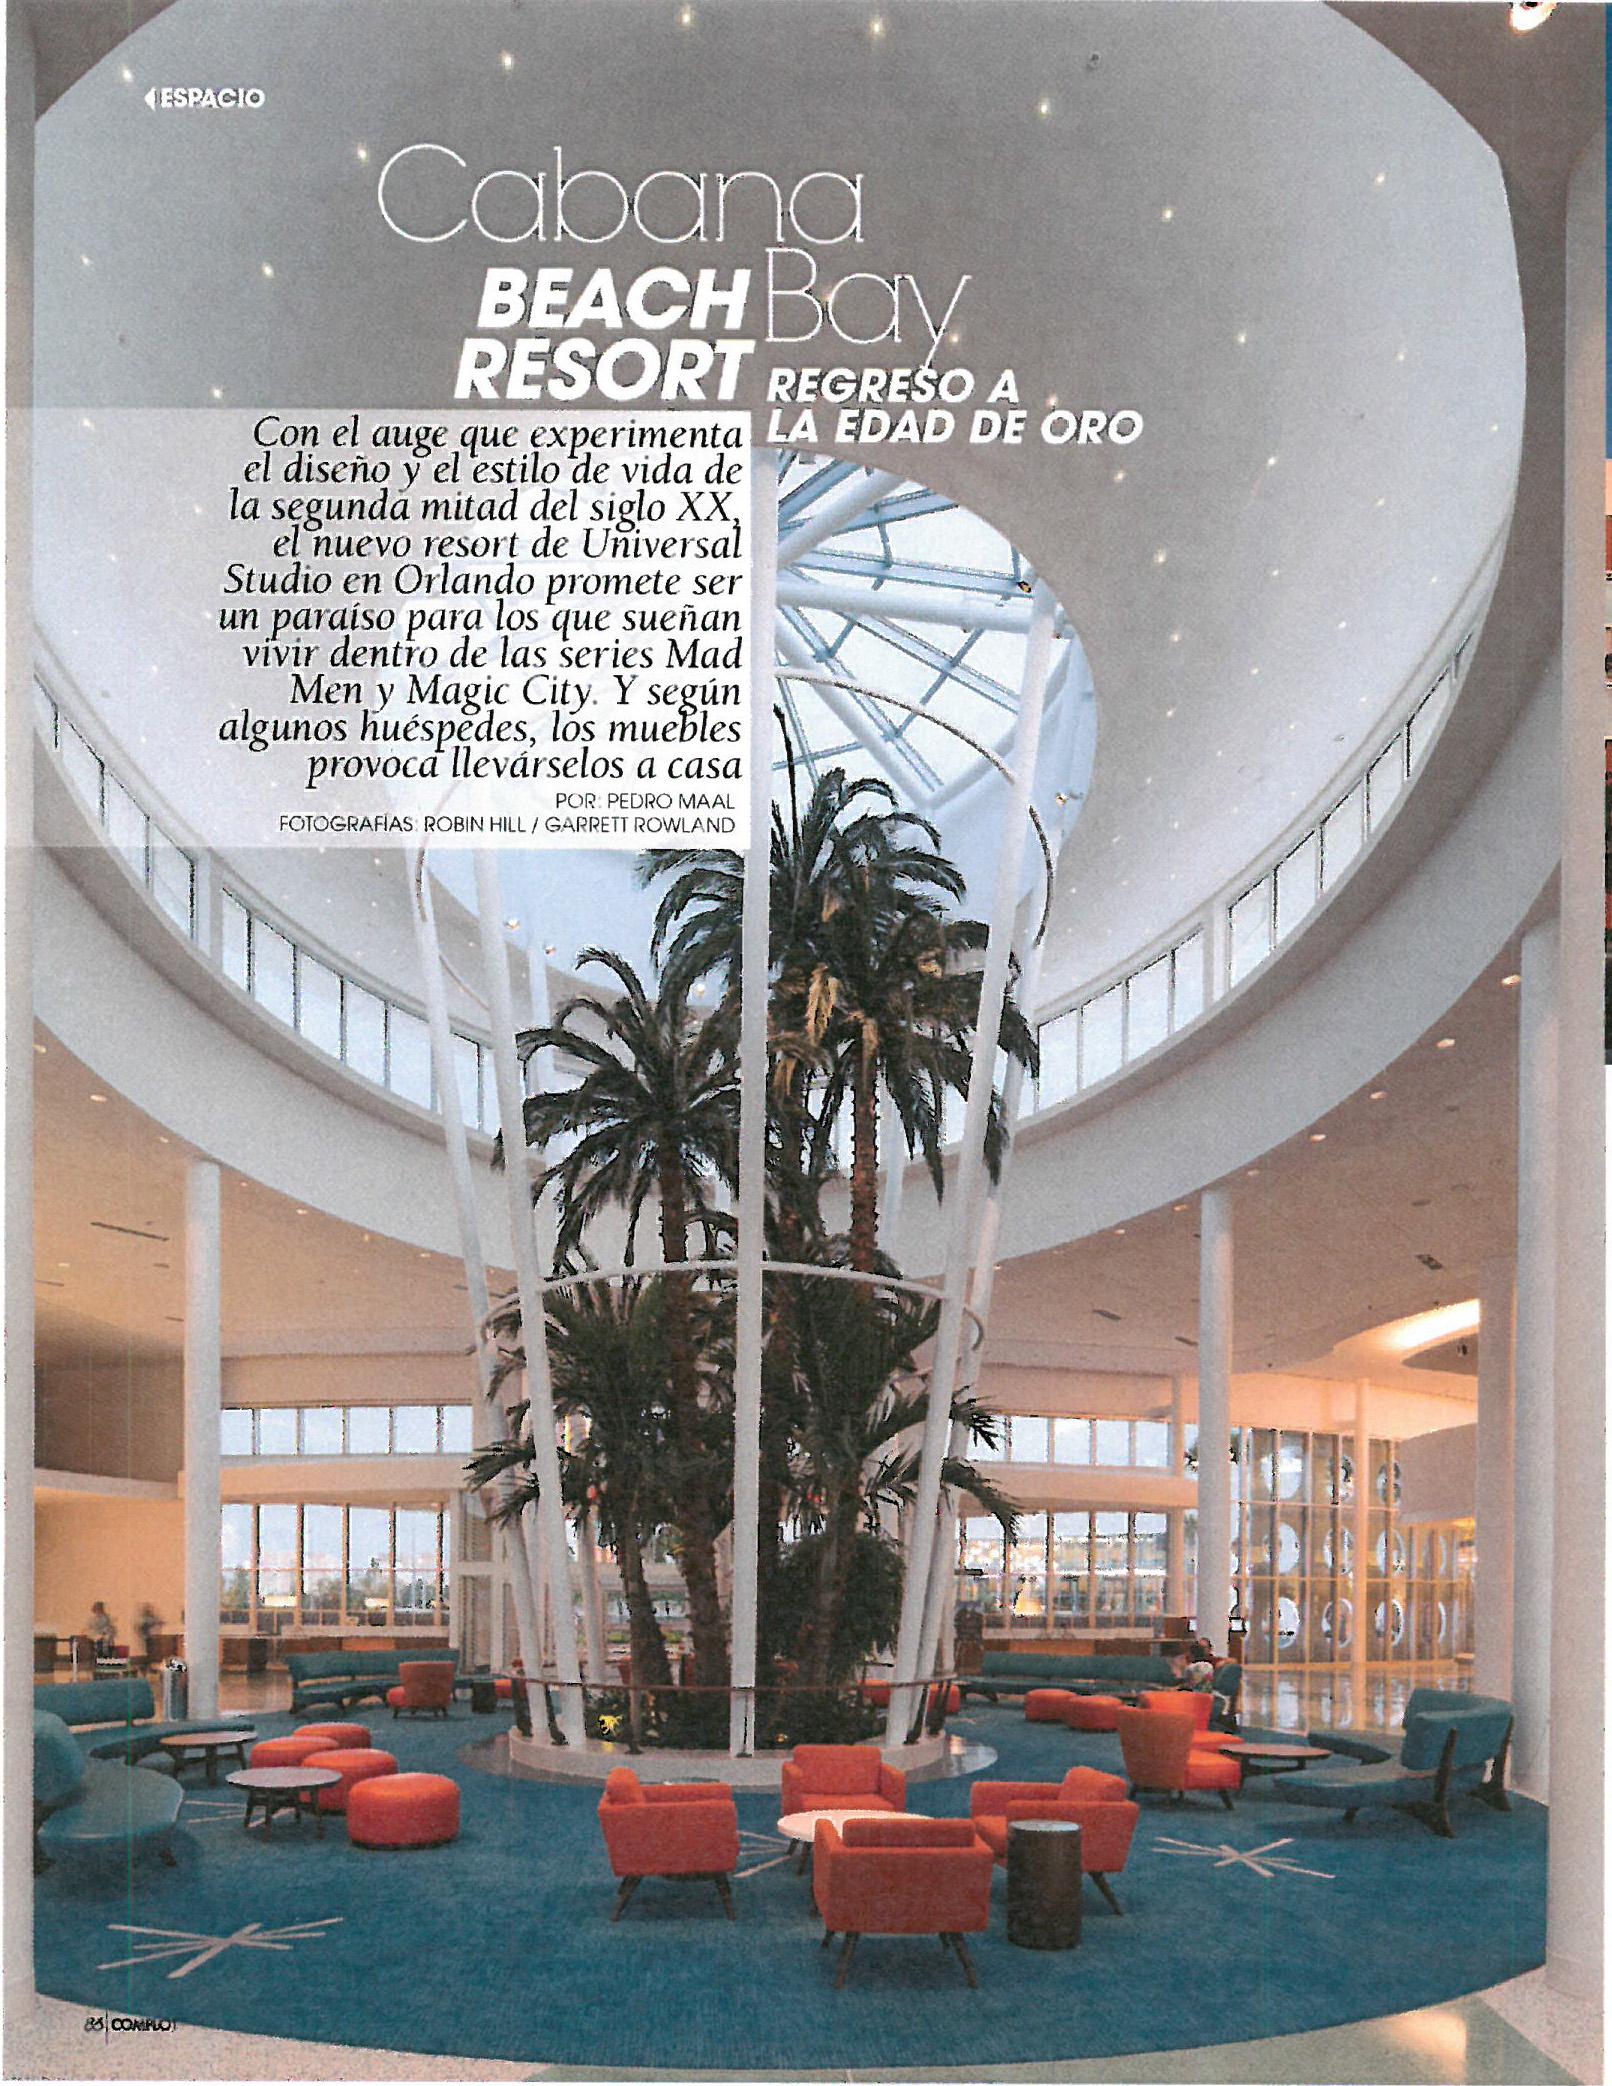 Cabana Bay Beach Resort      MORE >>